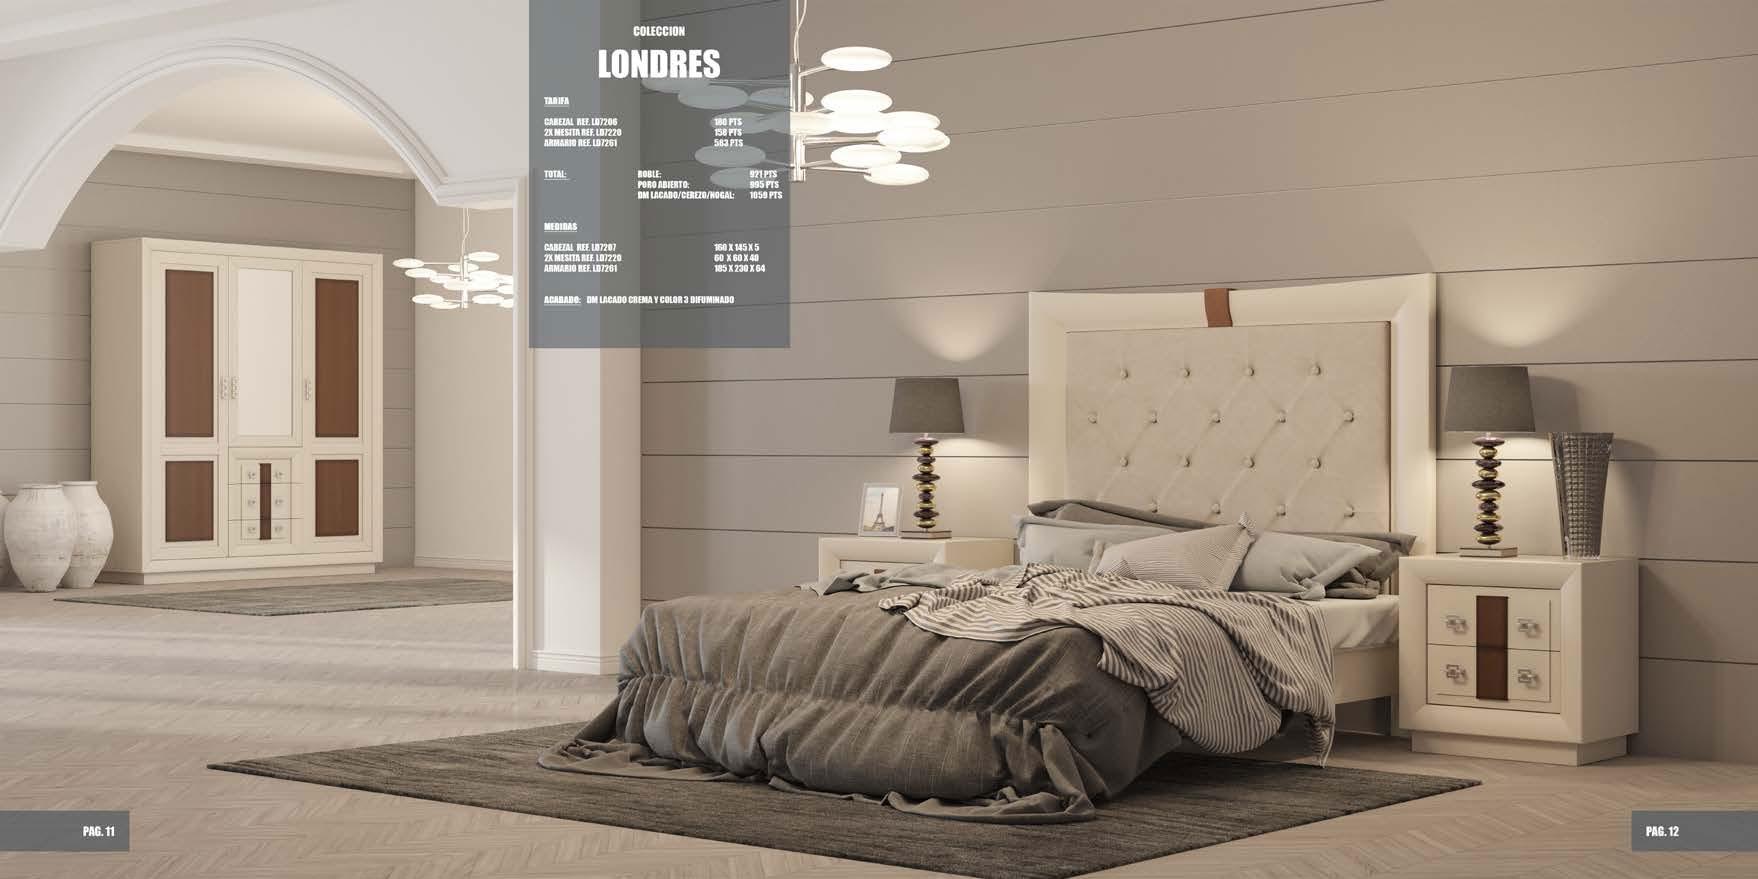 londres-dormitorio-03